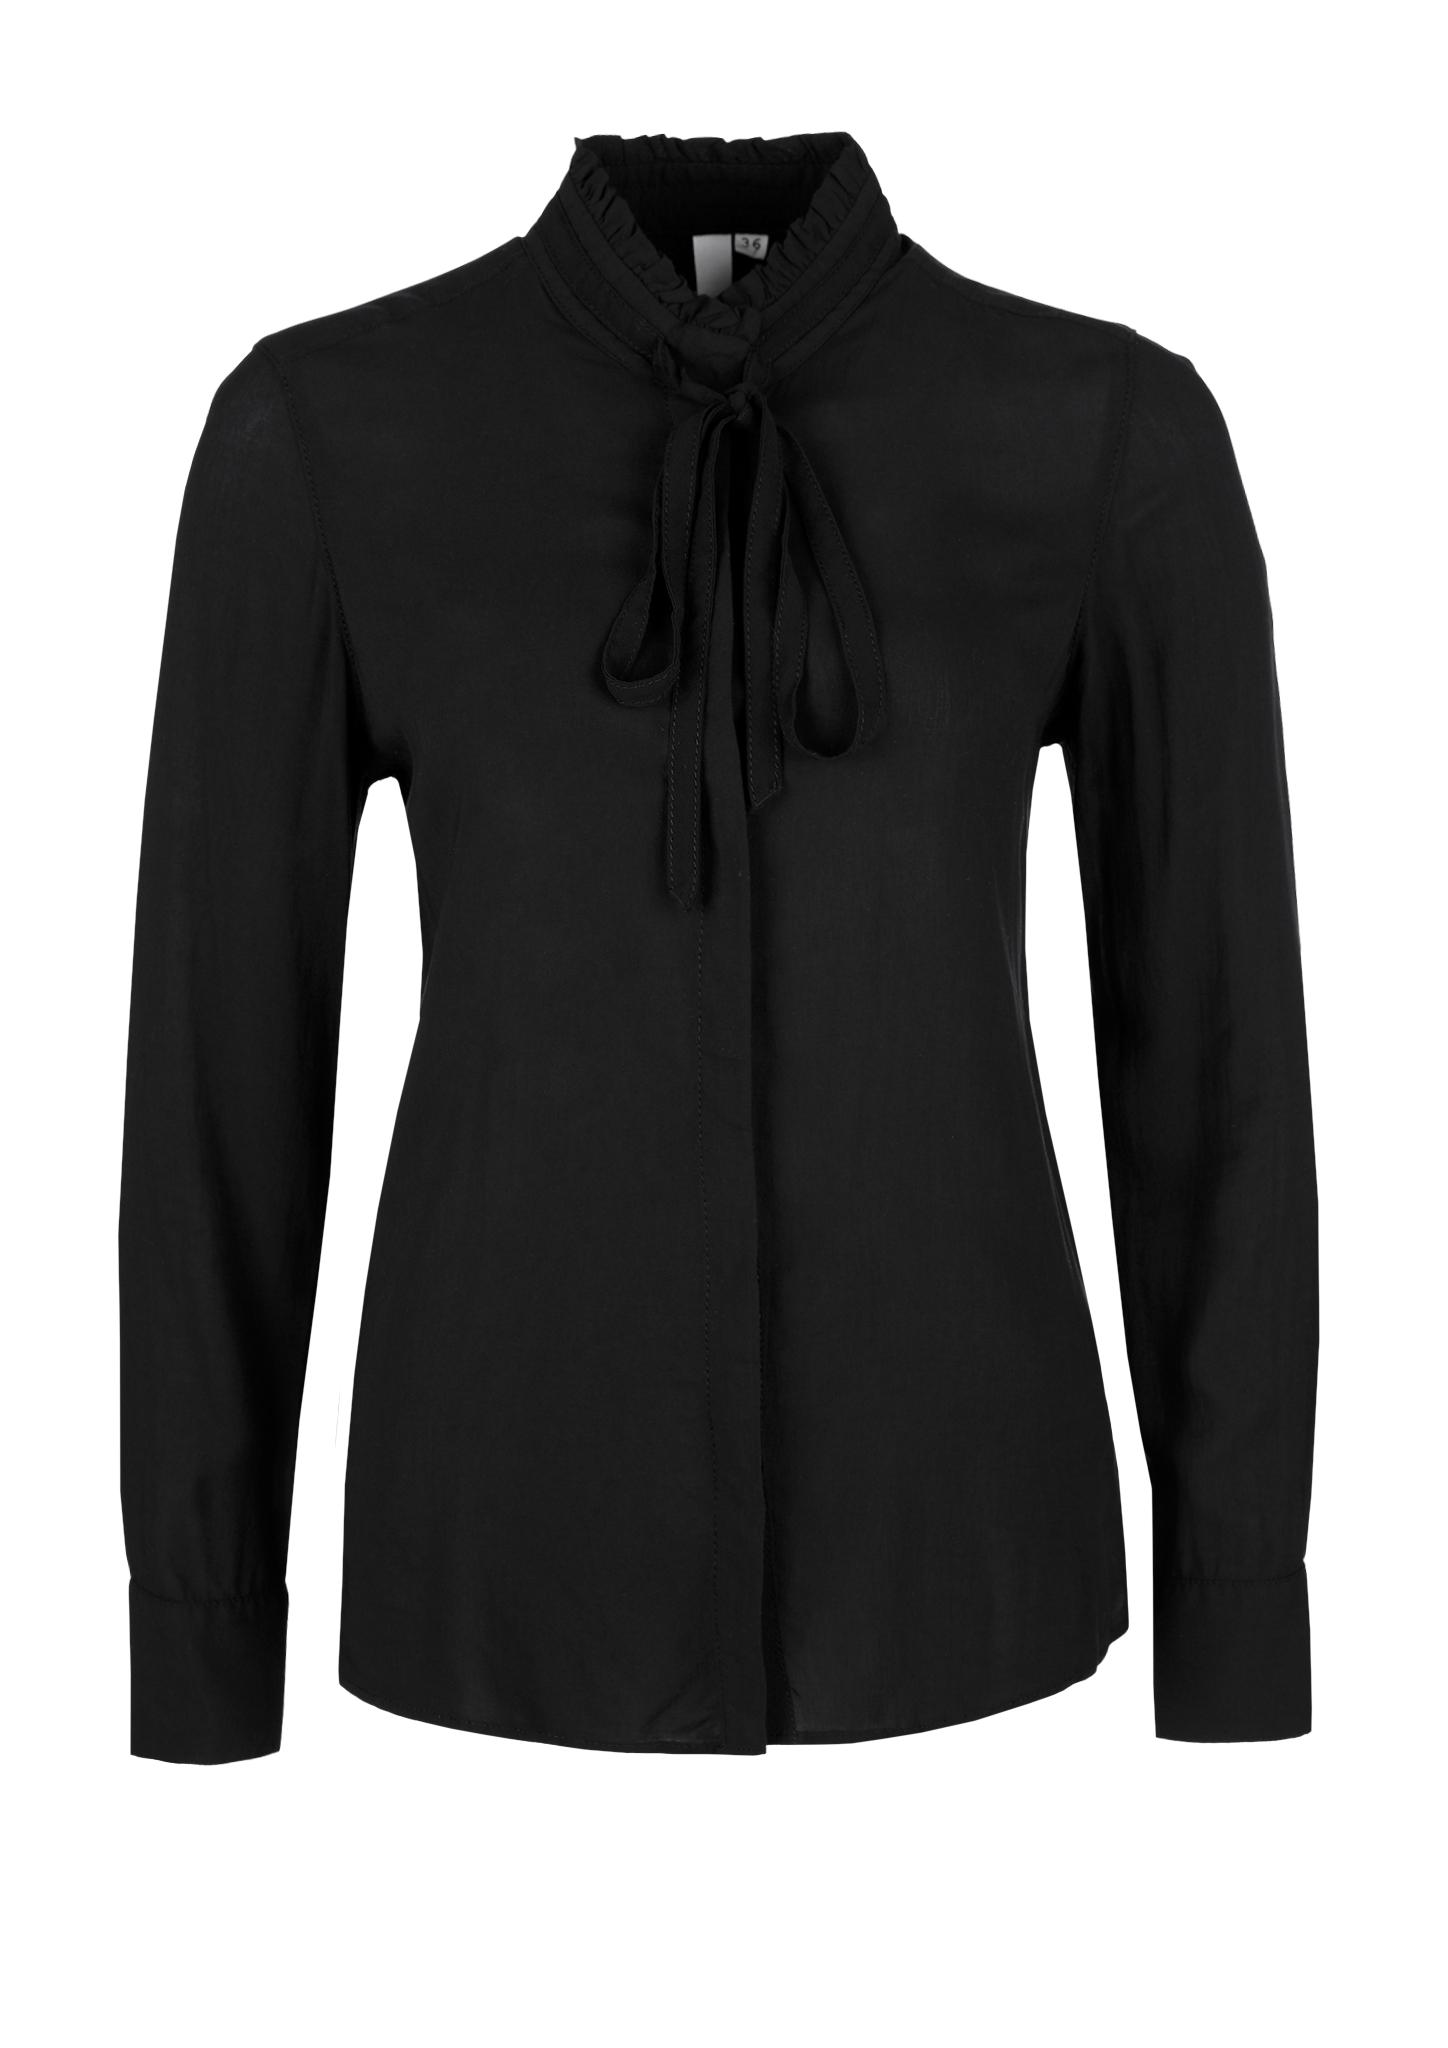 Schluppenbluse | Bekleidung > Blusen > Schluppenblusen | Grau/schwarz | 100% viskose | Q/S designed by